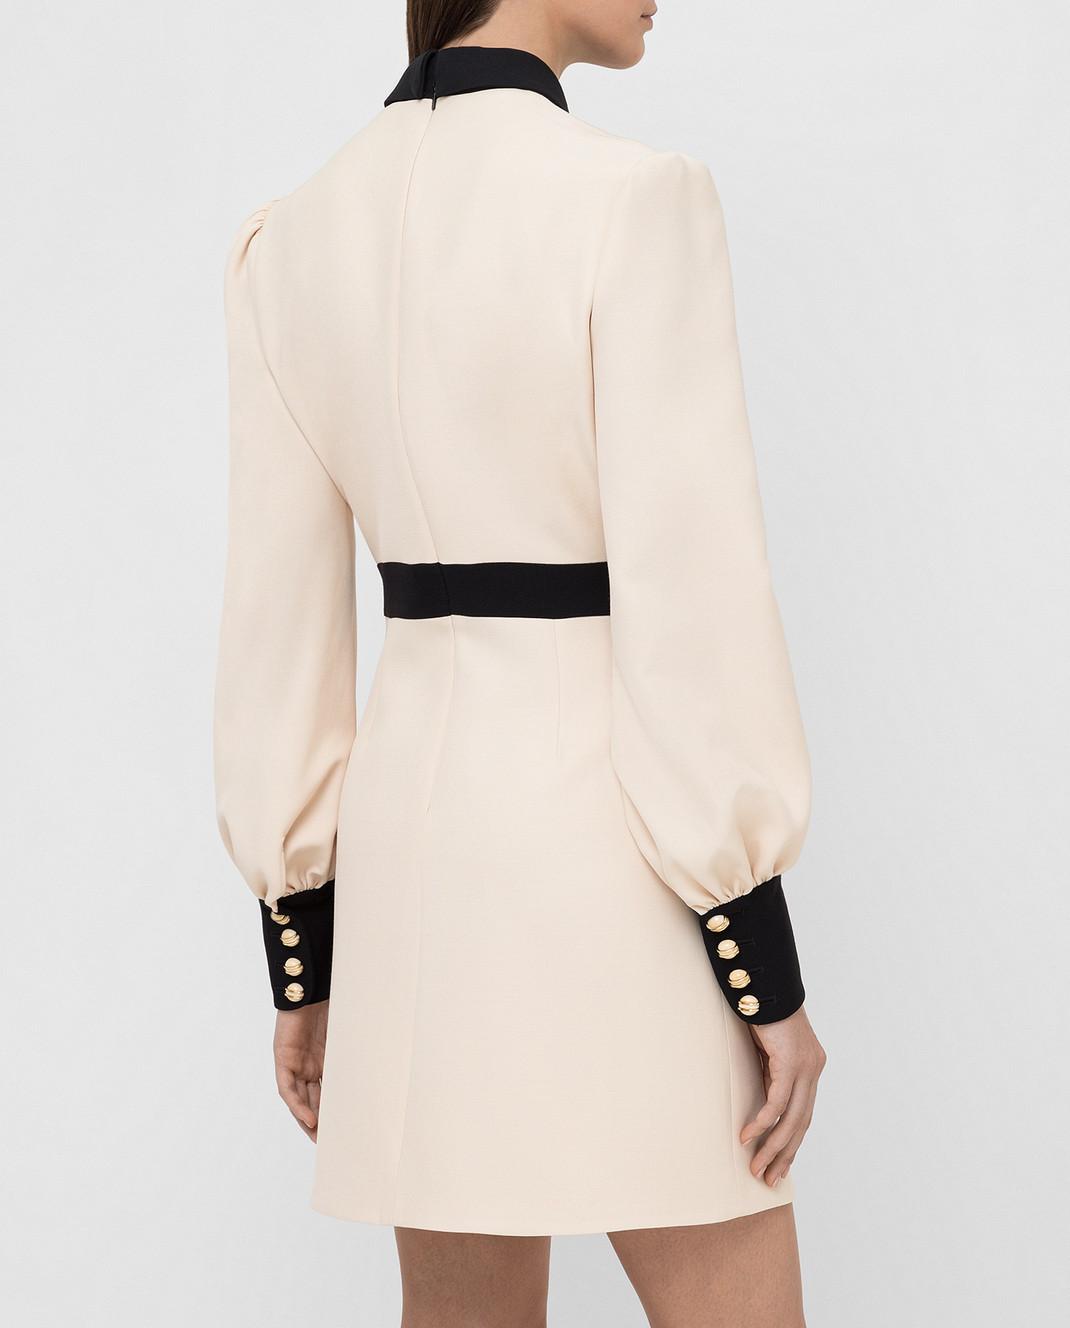 Gucci Светло-бежевое платье 595257 изображение 4